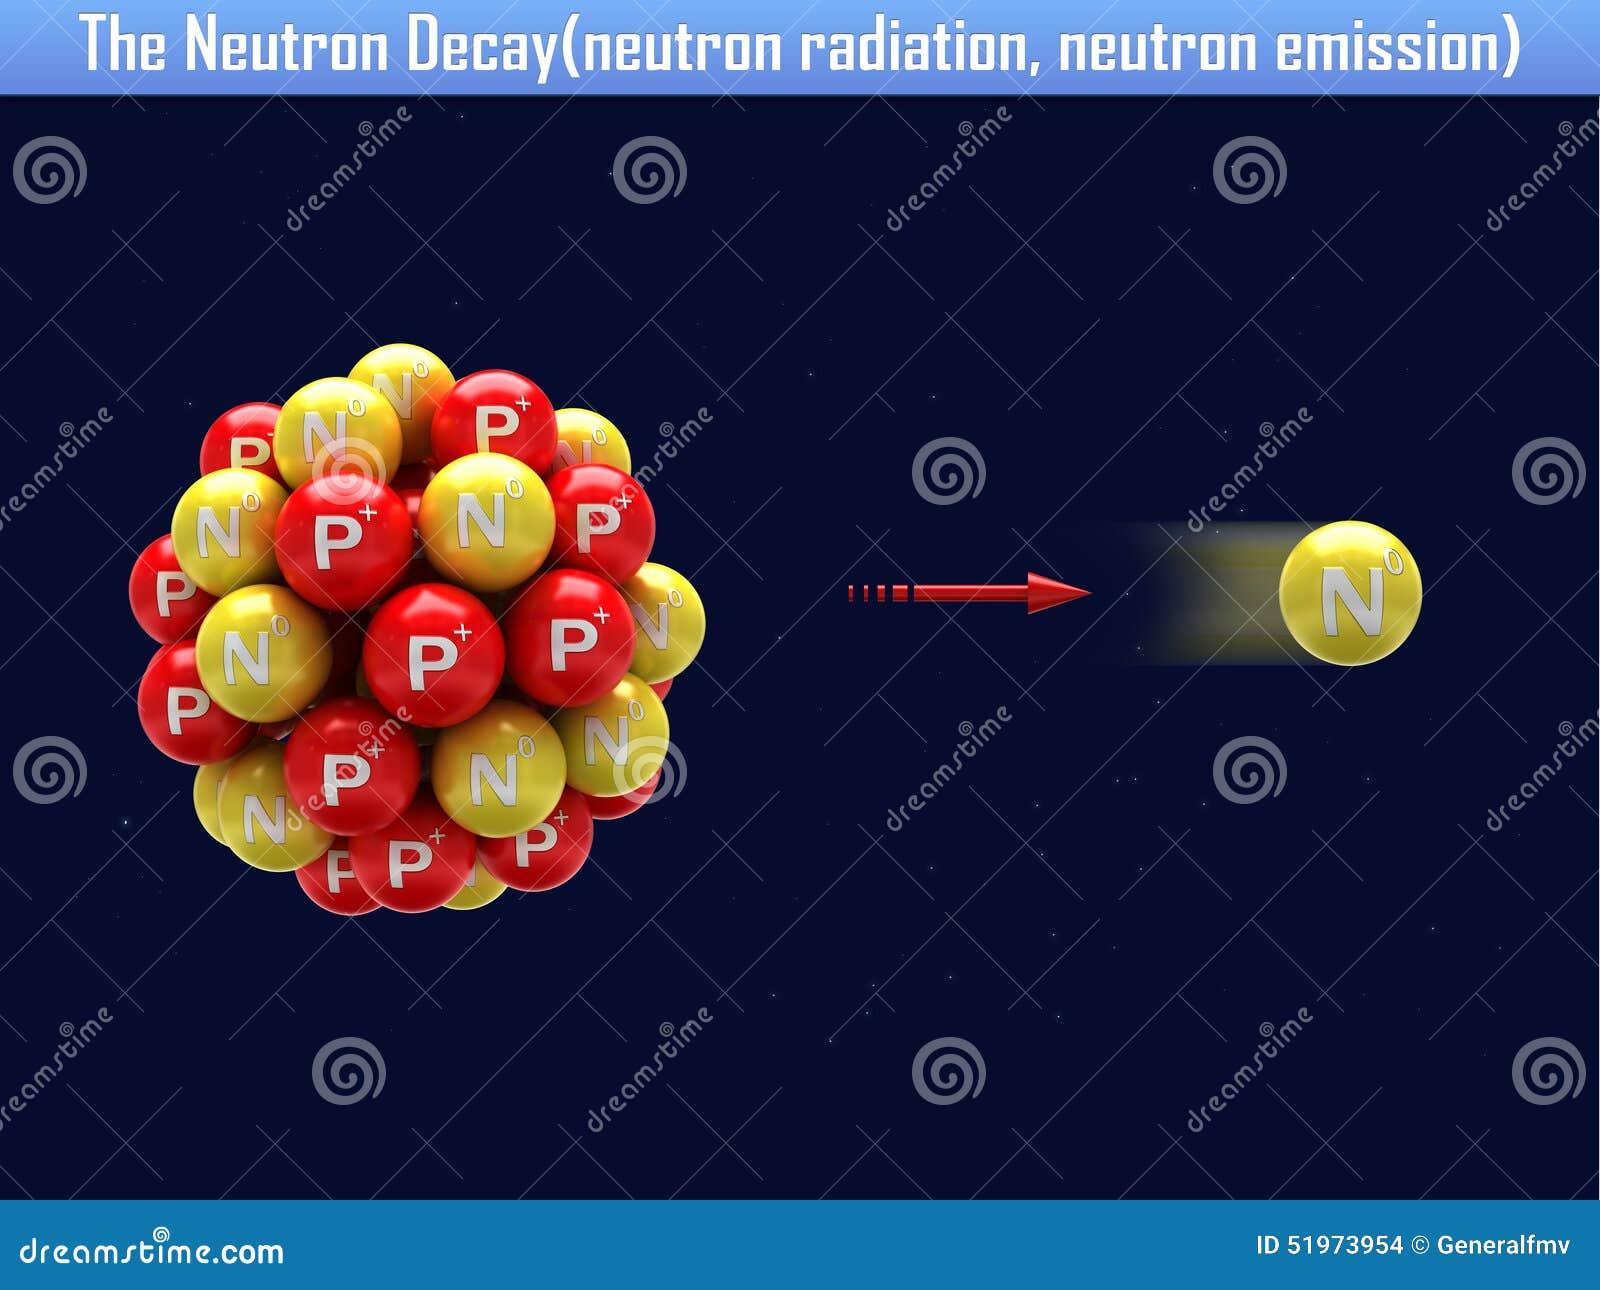 Η αποσύνθεση νετρονίων (ακτινοβολία νετρονίων, εκπομπή νετρονίων)